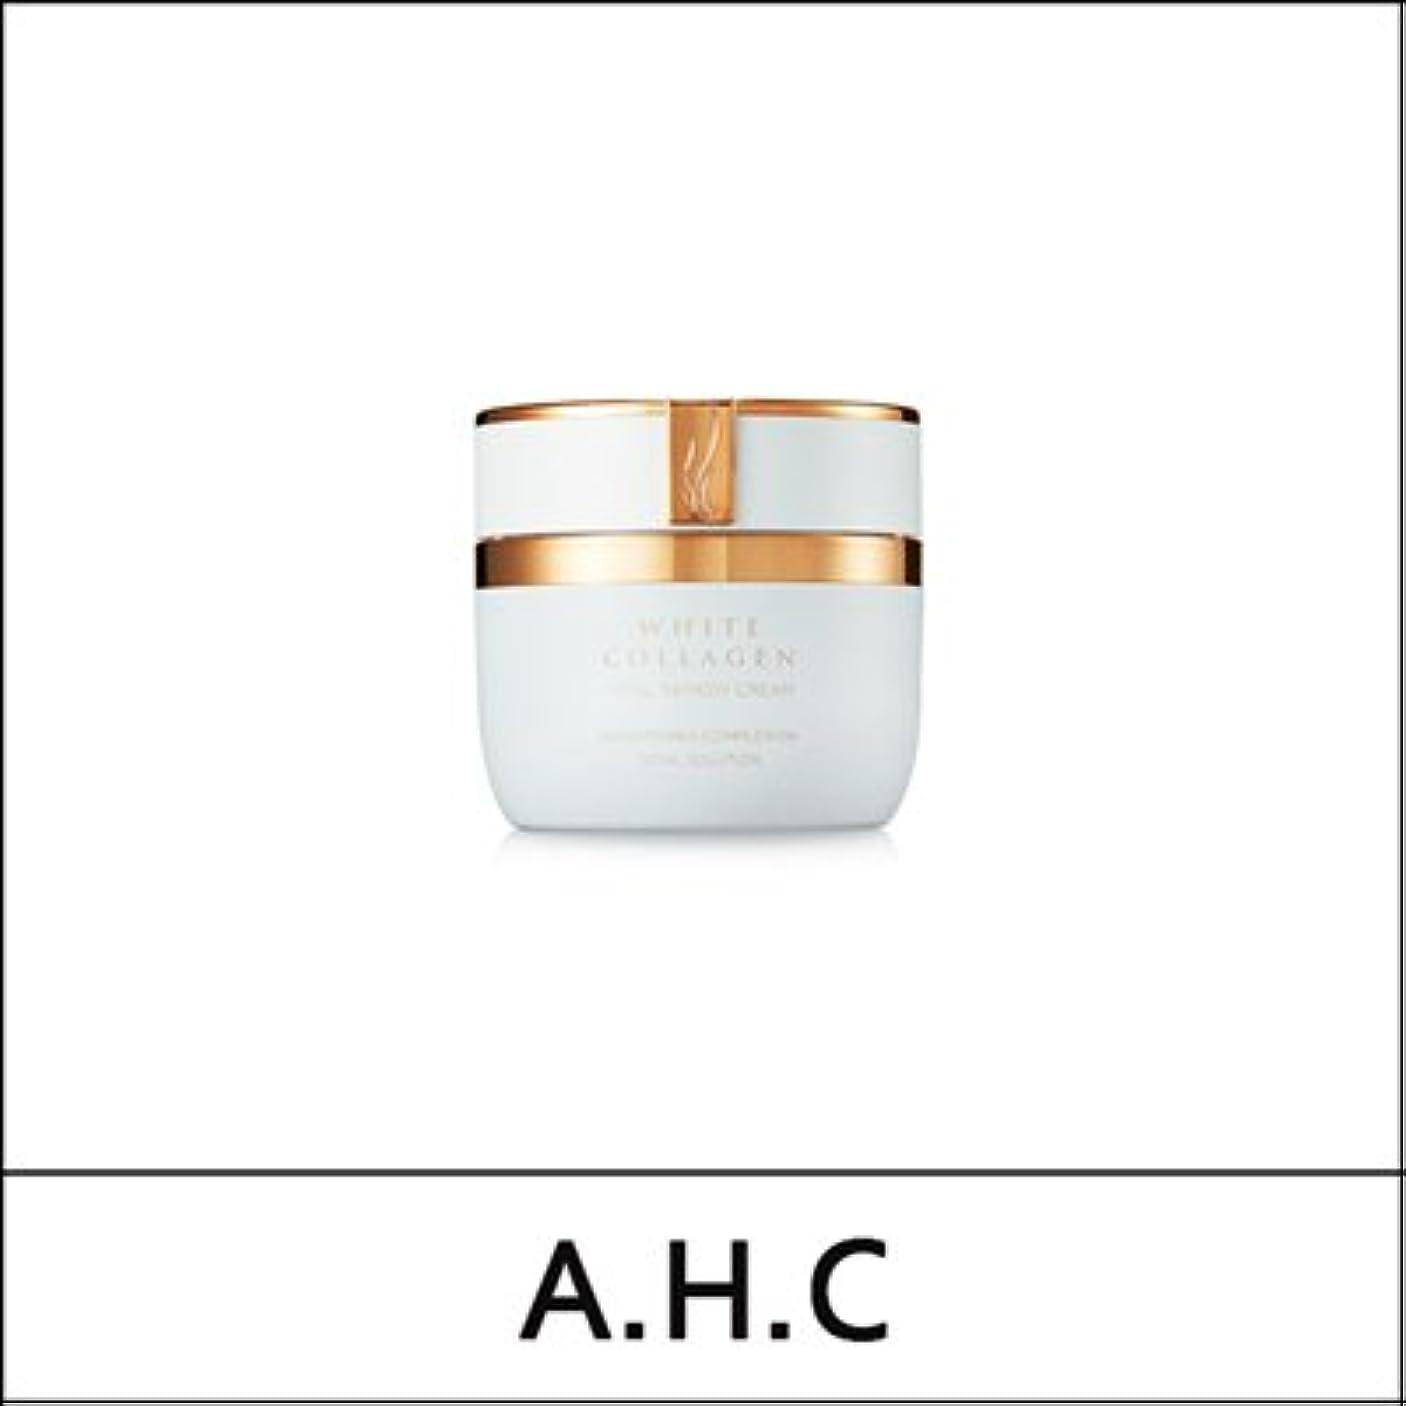 トリムベジタリアンささやきA.H.C (AHC) White Collagen Total Remedy Cream 50g/A.H.C ホワイト コラーゲン トータル レミディ クリーム 50g [並行輸入品]